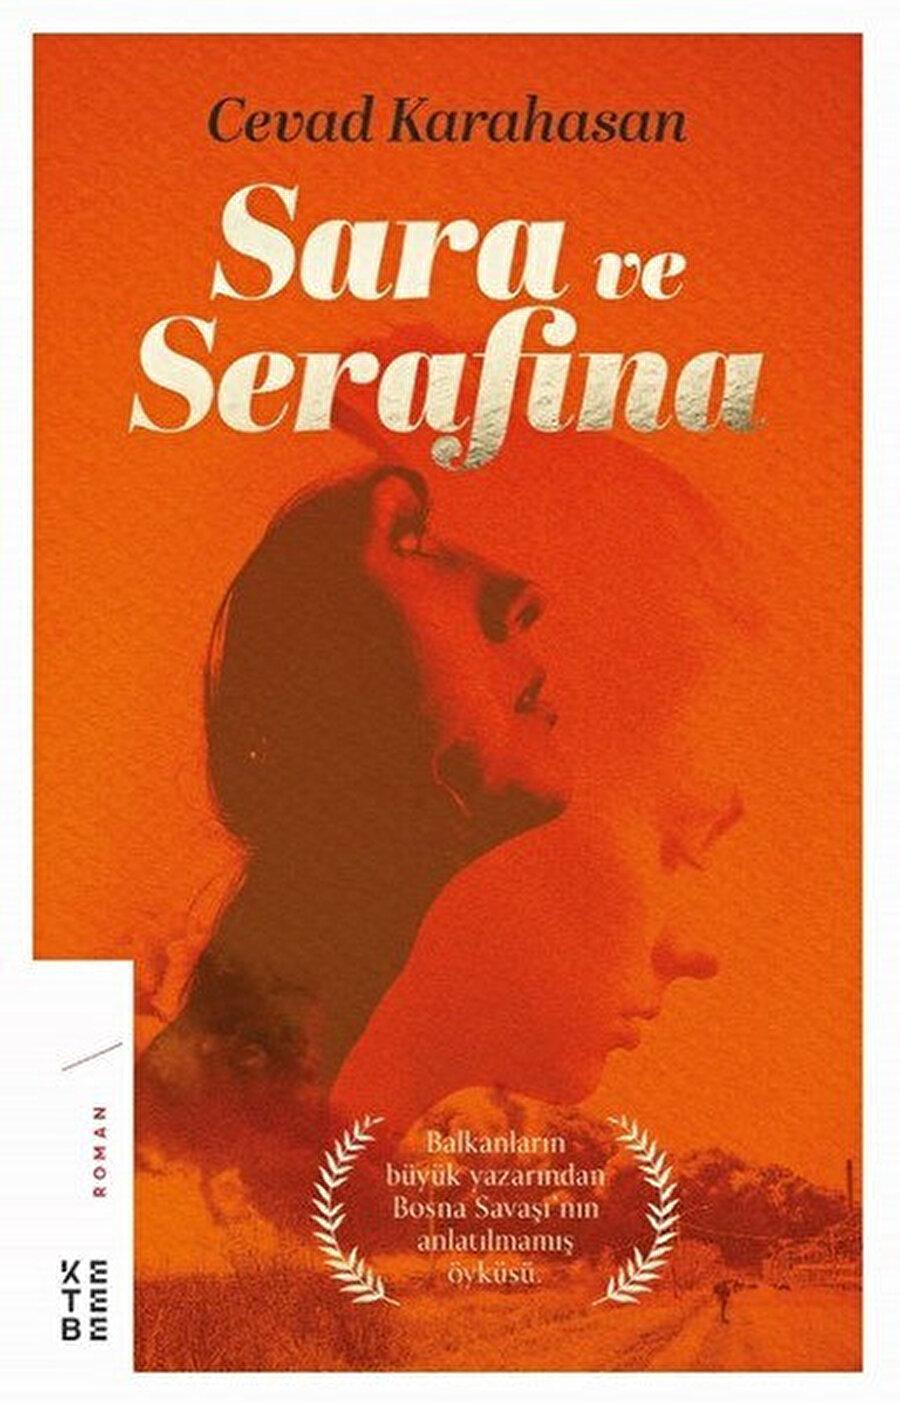 Sara ve Serafina, Bosna-Hersek'teki son savaş döneminde yaşananlardan esinlenerek kurgulanmıştır.